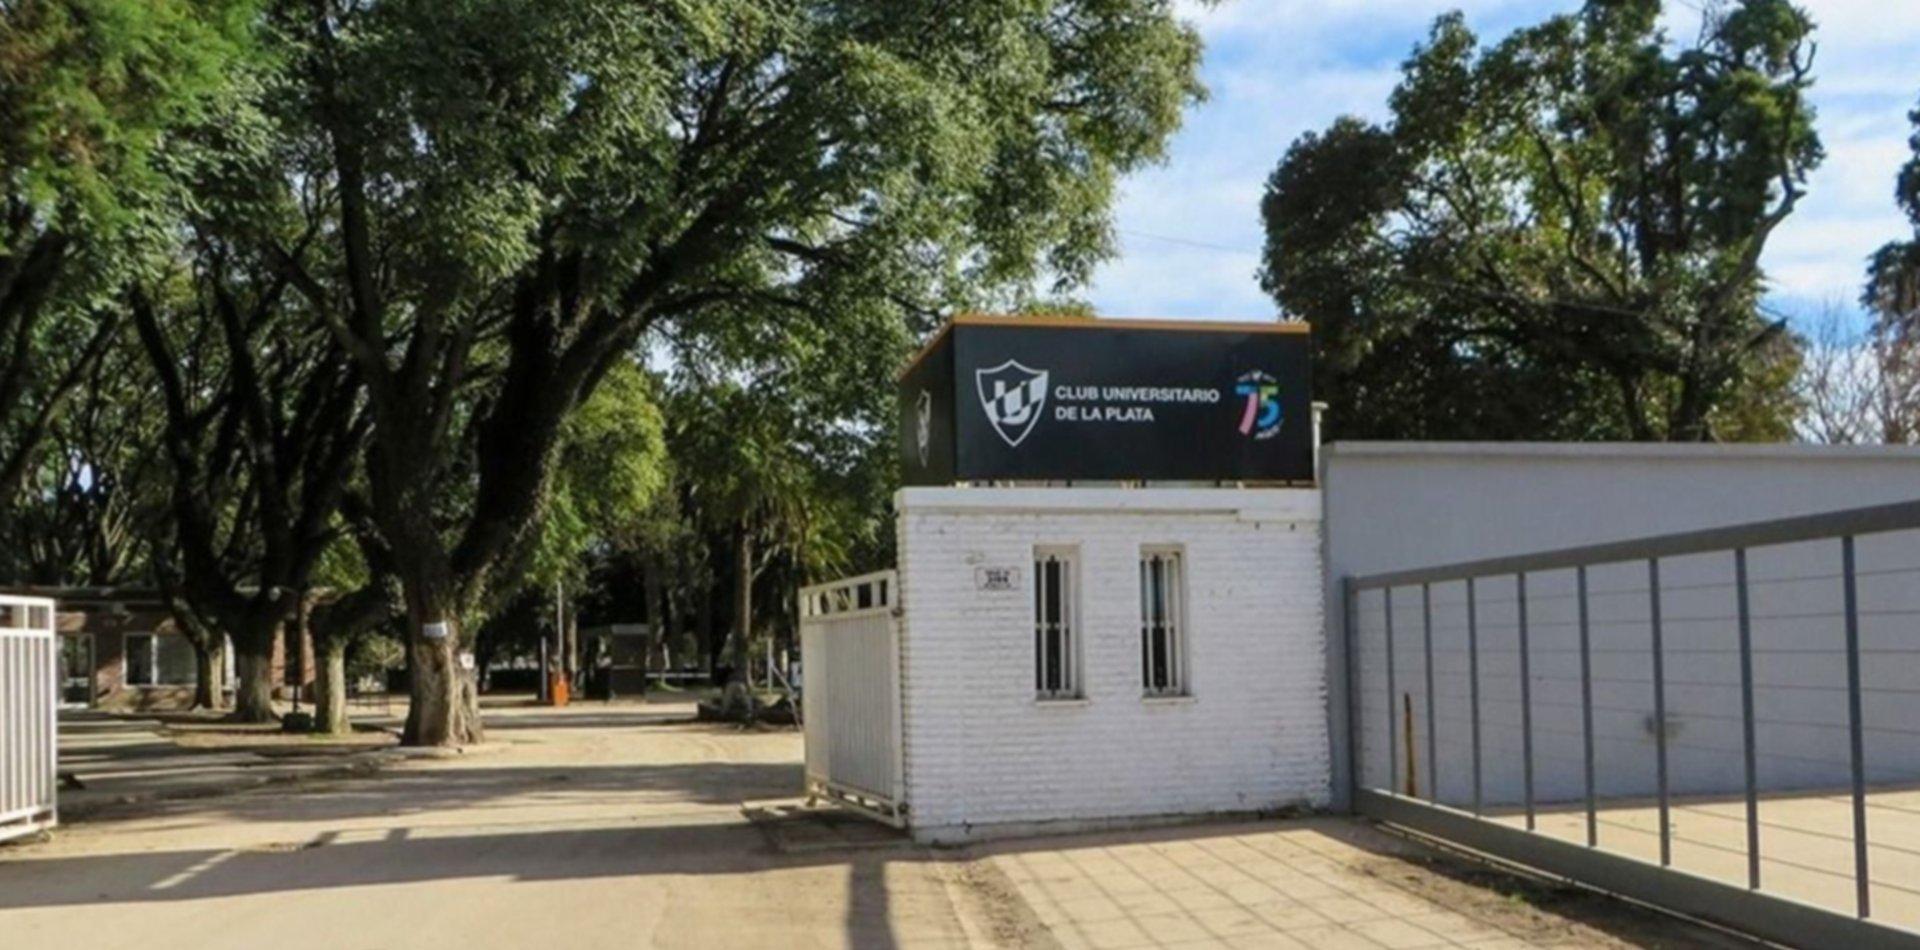 Conflicto en Universitario: marcha atrás con los despidos y conciliación obligatoria